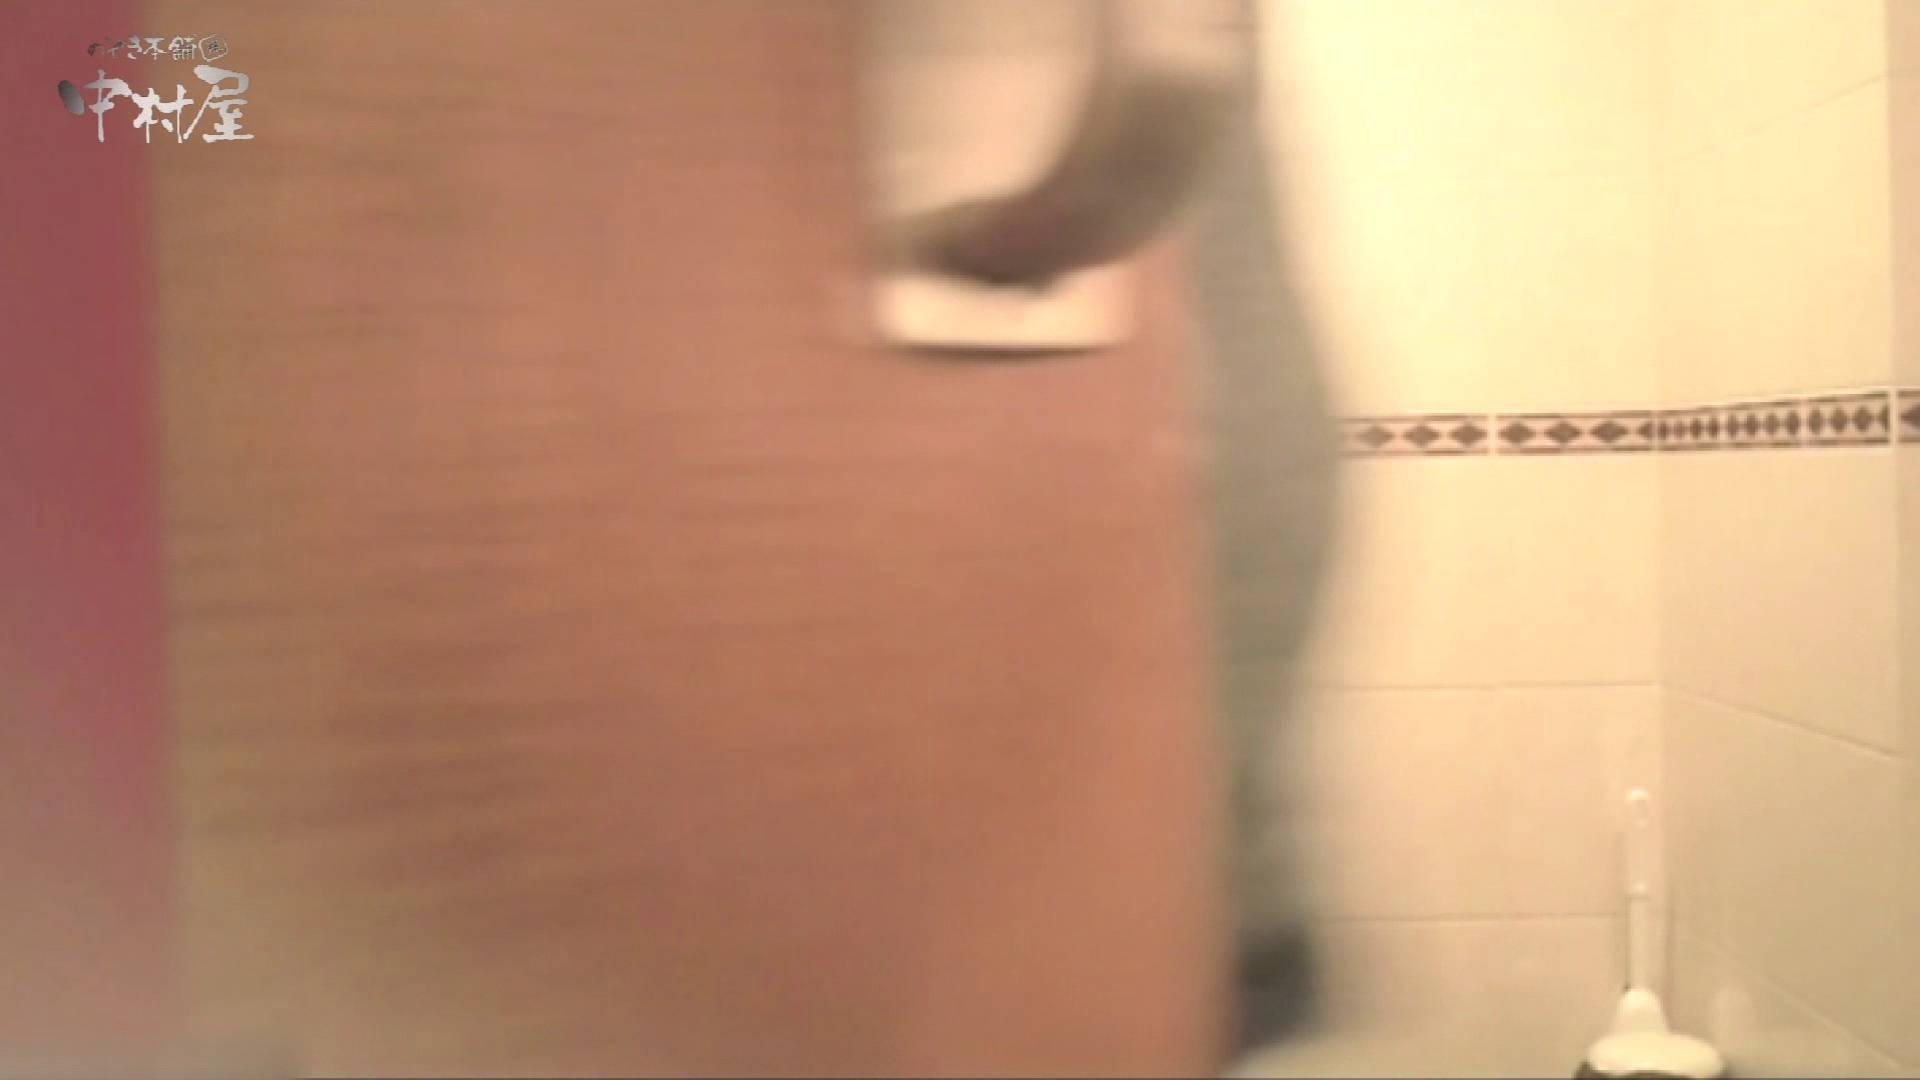 ティーンガールのトイレ覗き‼vol.16 Hなお姉さん オマンコ無修正動画無料 99pic 85